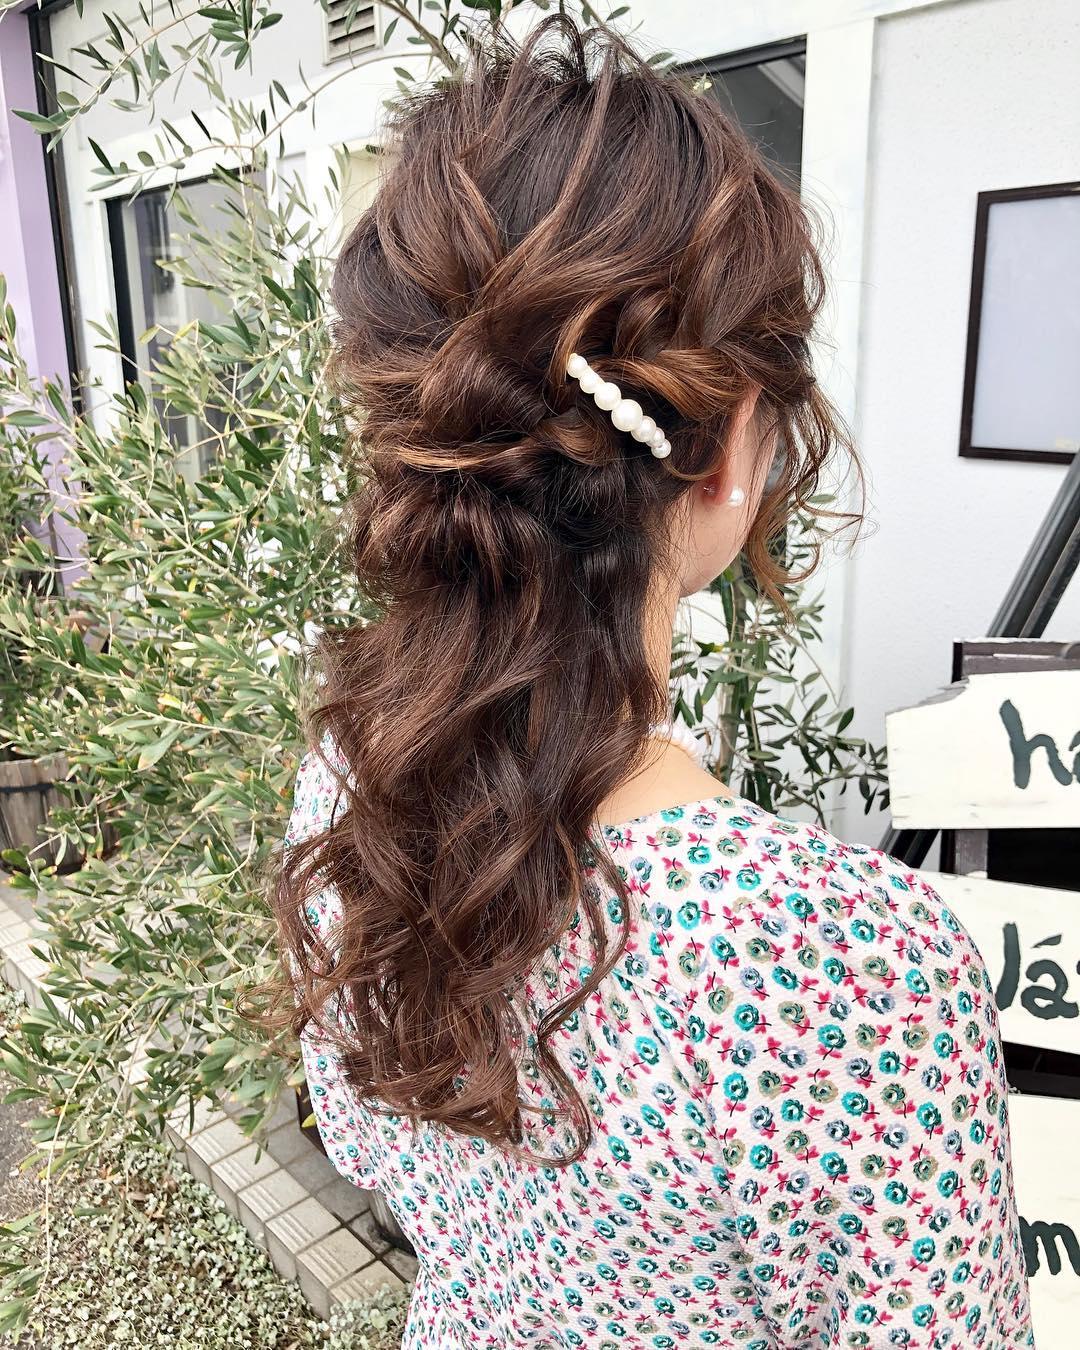 ファッションとヘアの相性は?トレンドのレトロ柄に合うヘアアレンジ5